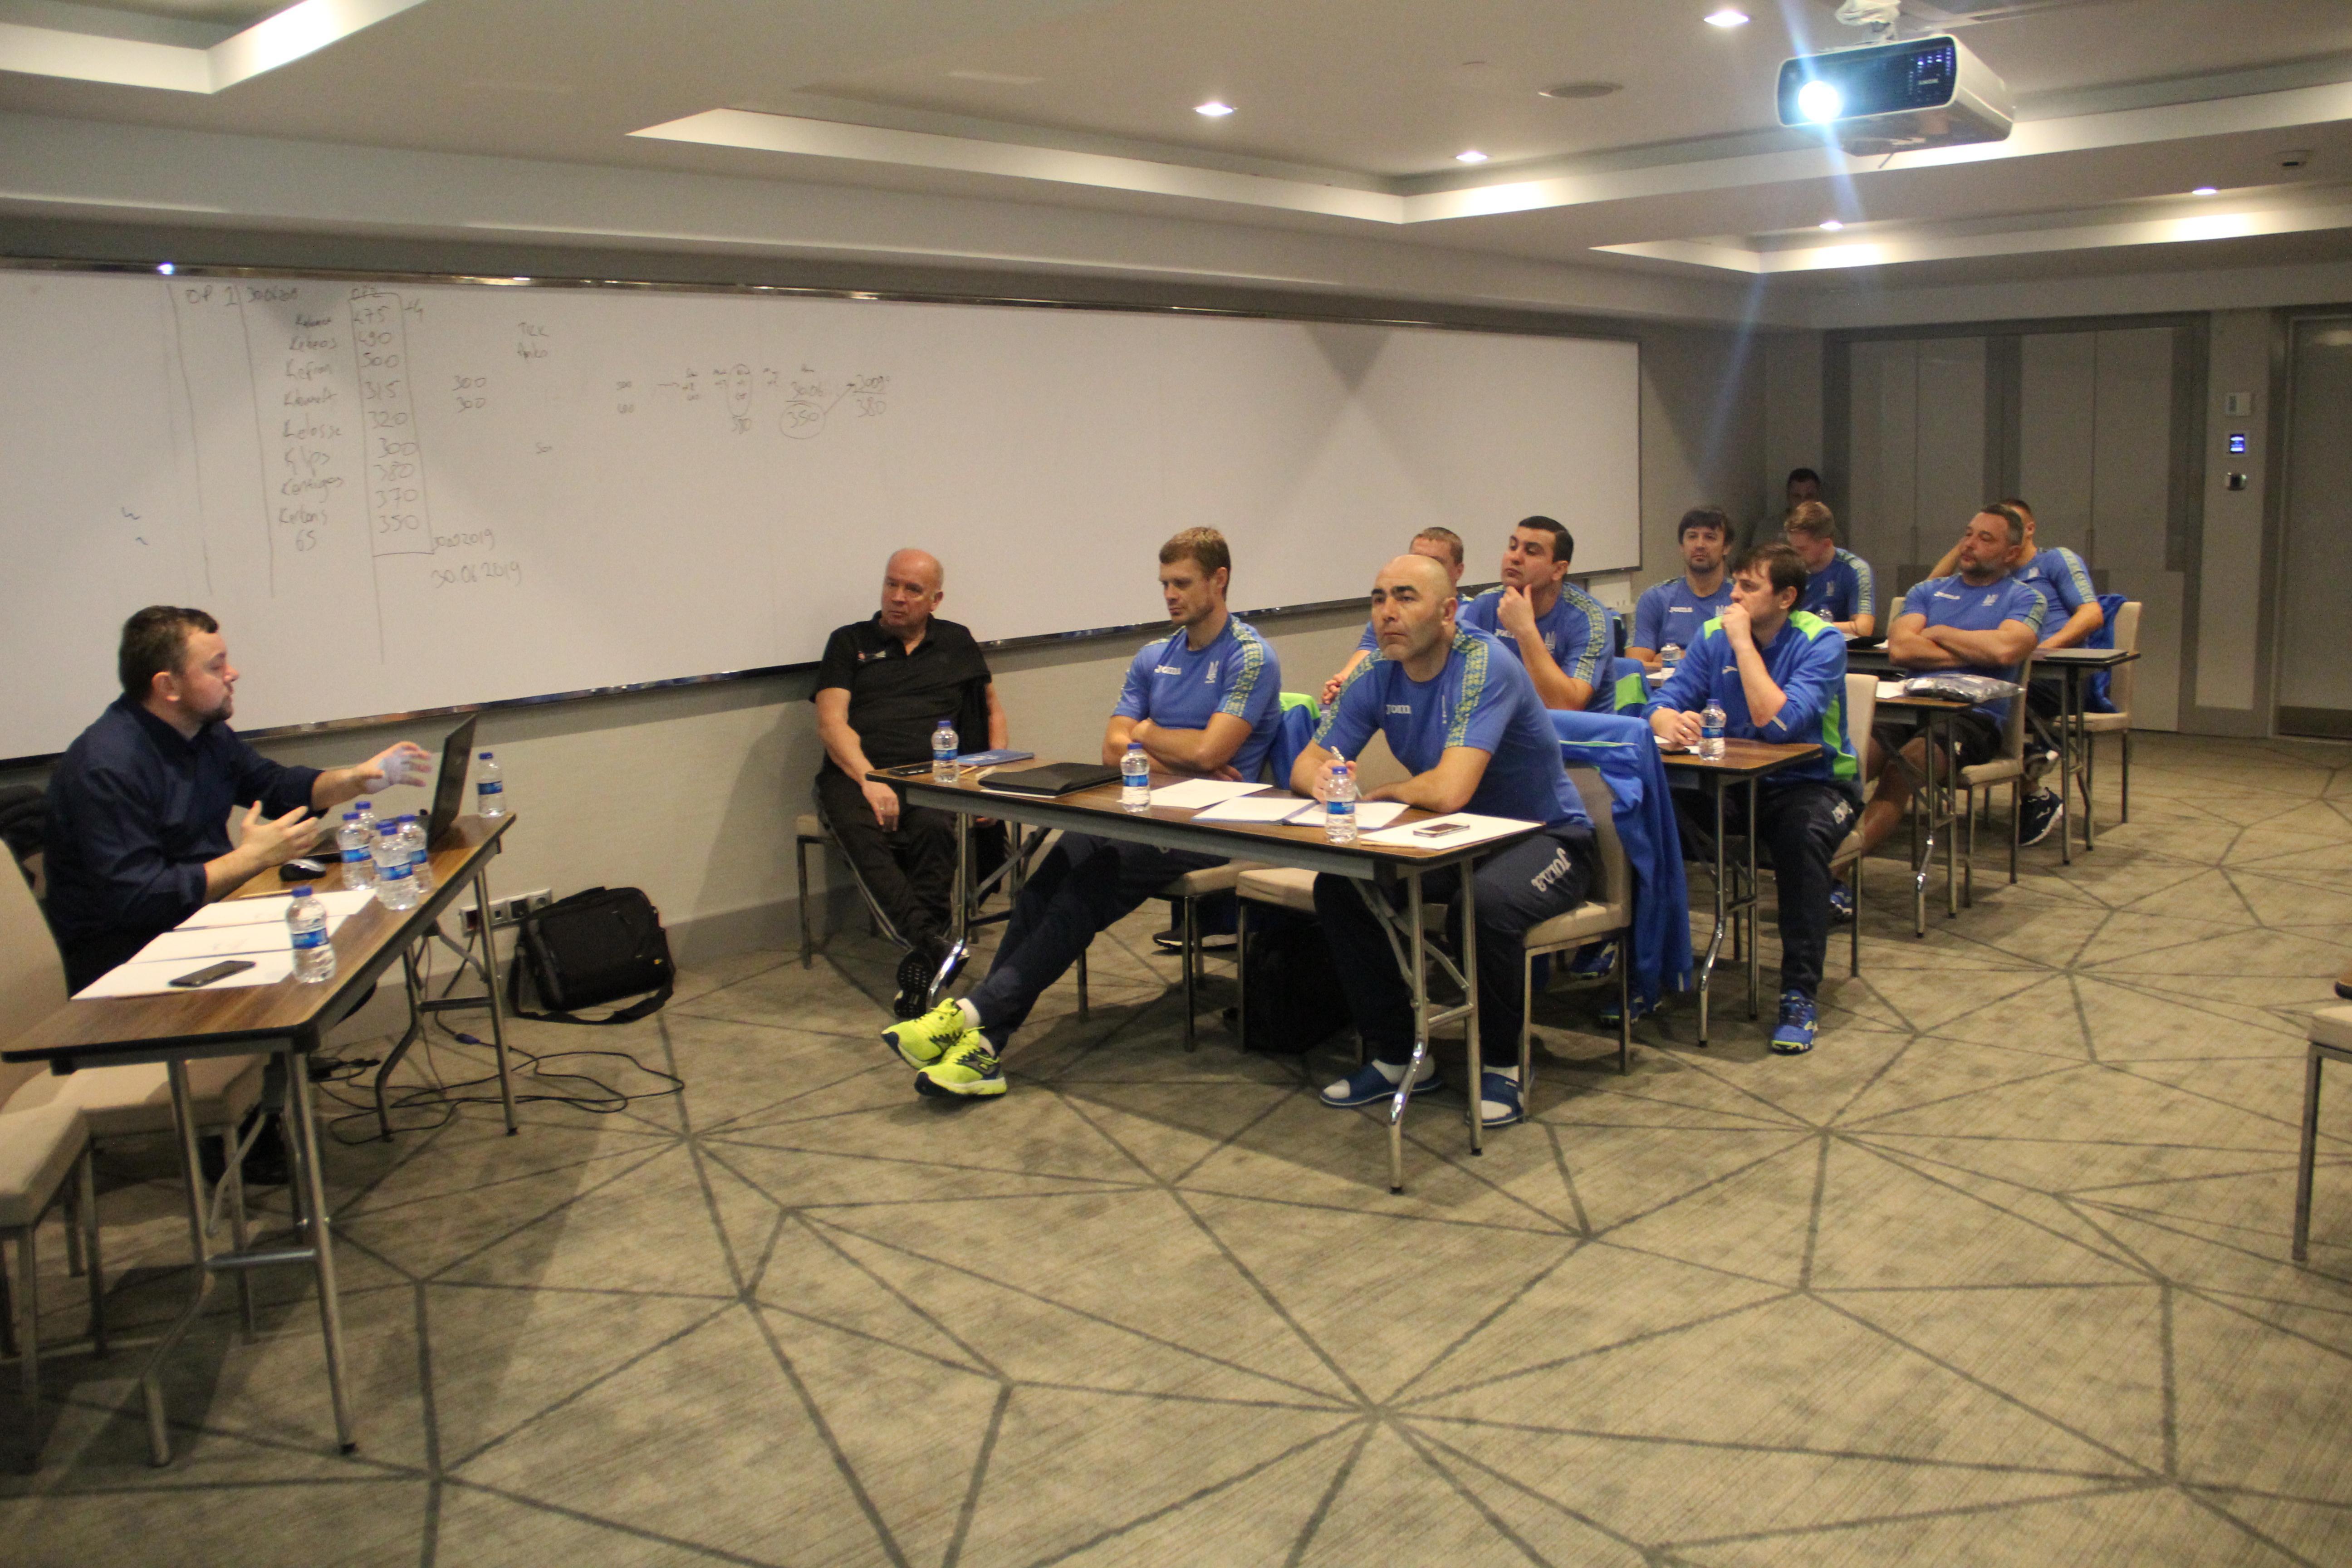 З 2 по 9 лютого 2019 року в м Анталья (Туреччина) пройшла друга сесія за програмою «ПРО» -диплом УЄФА.